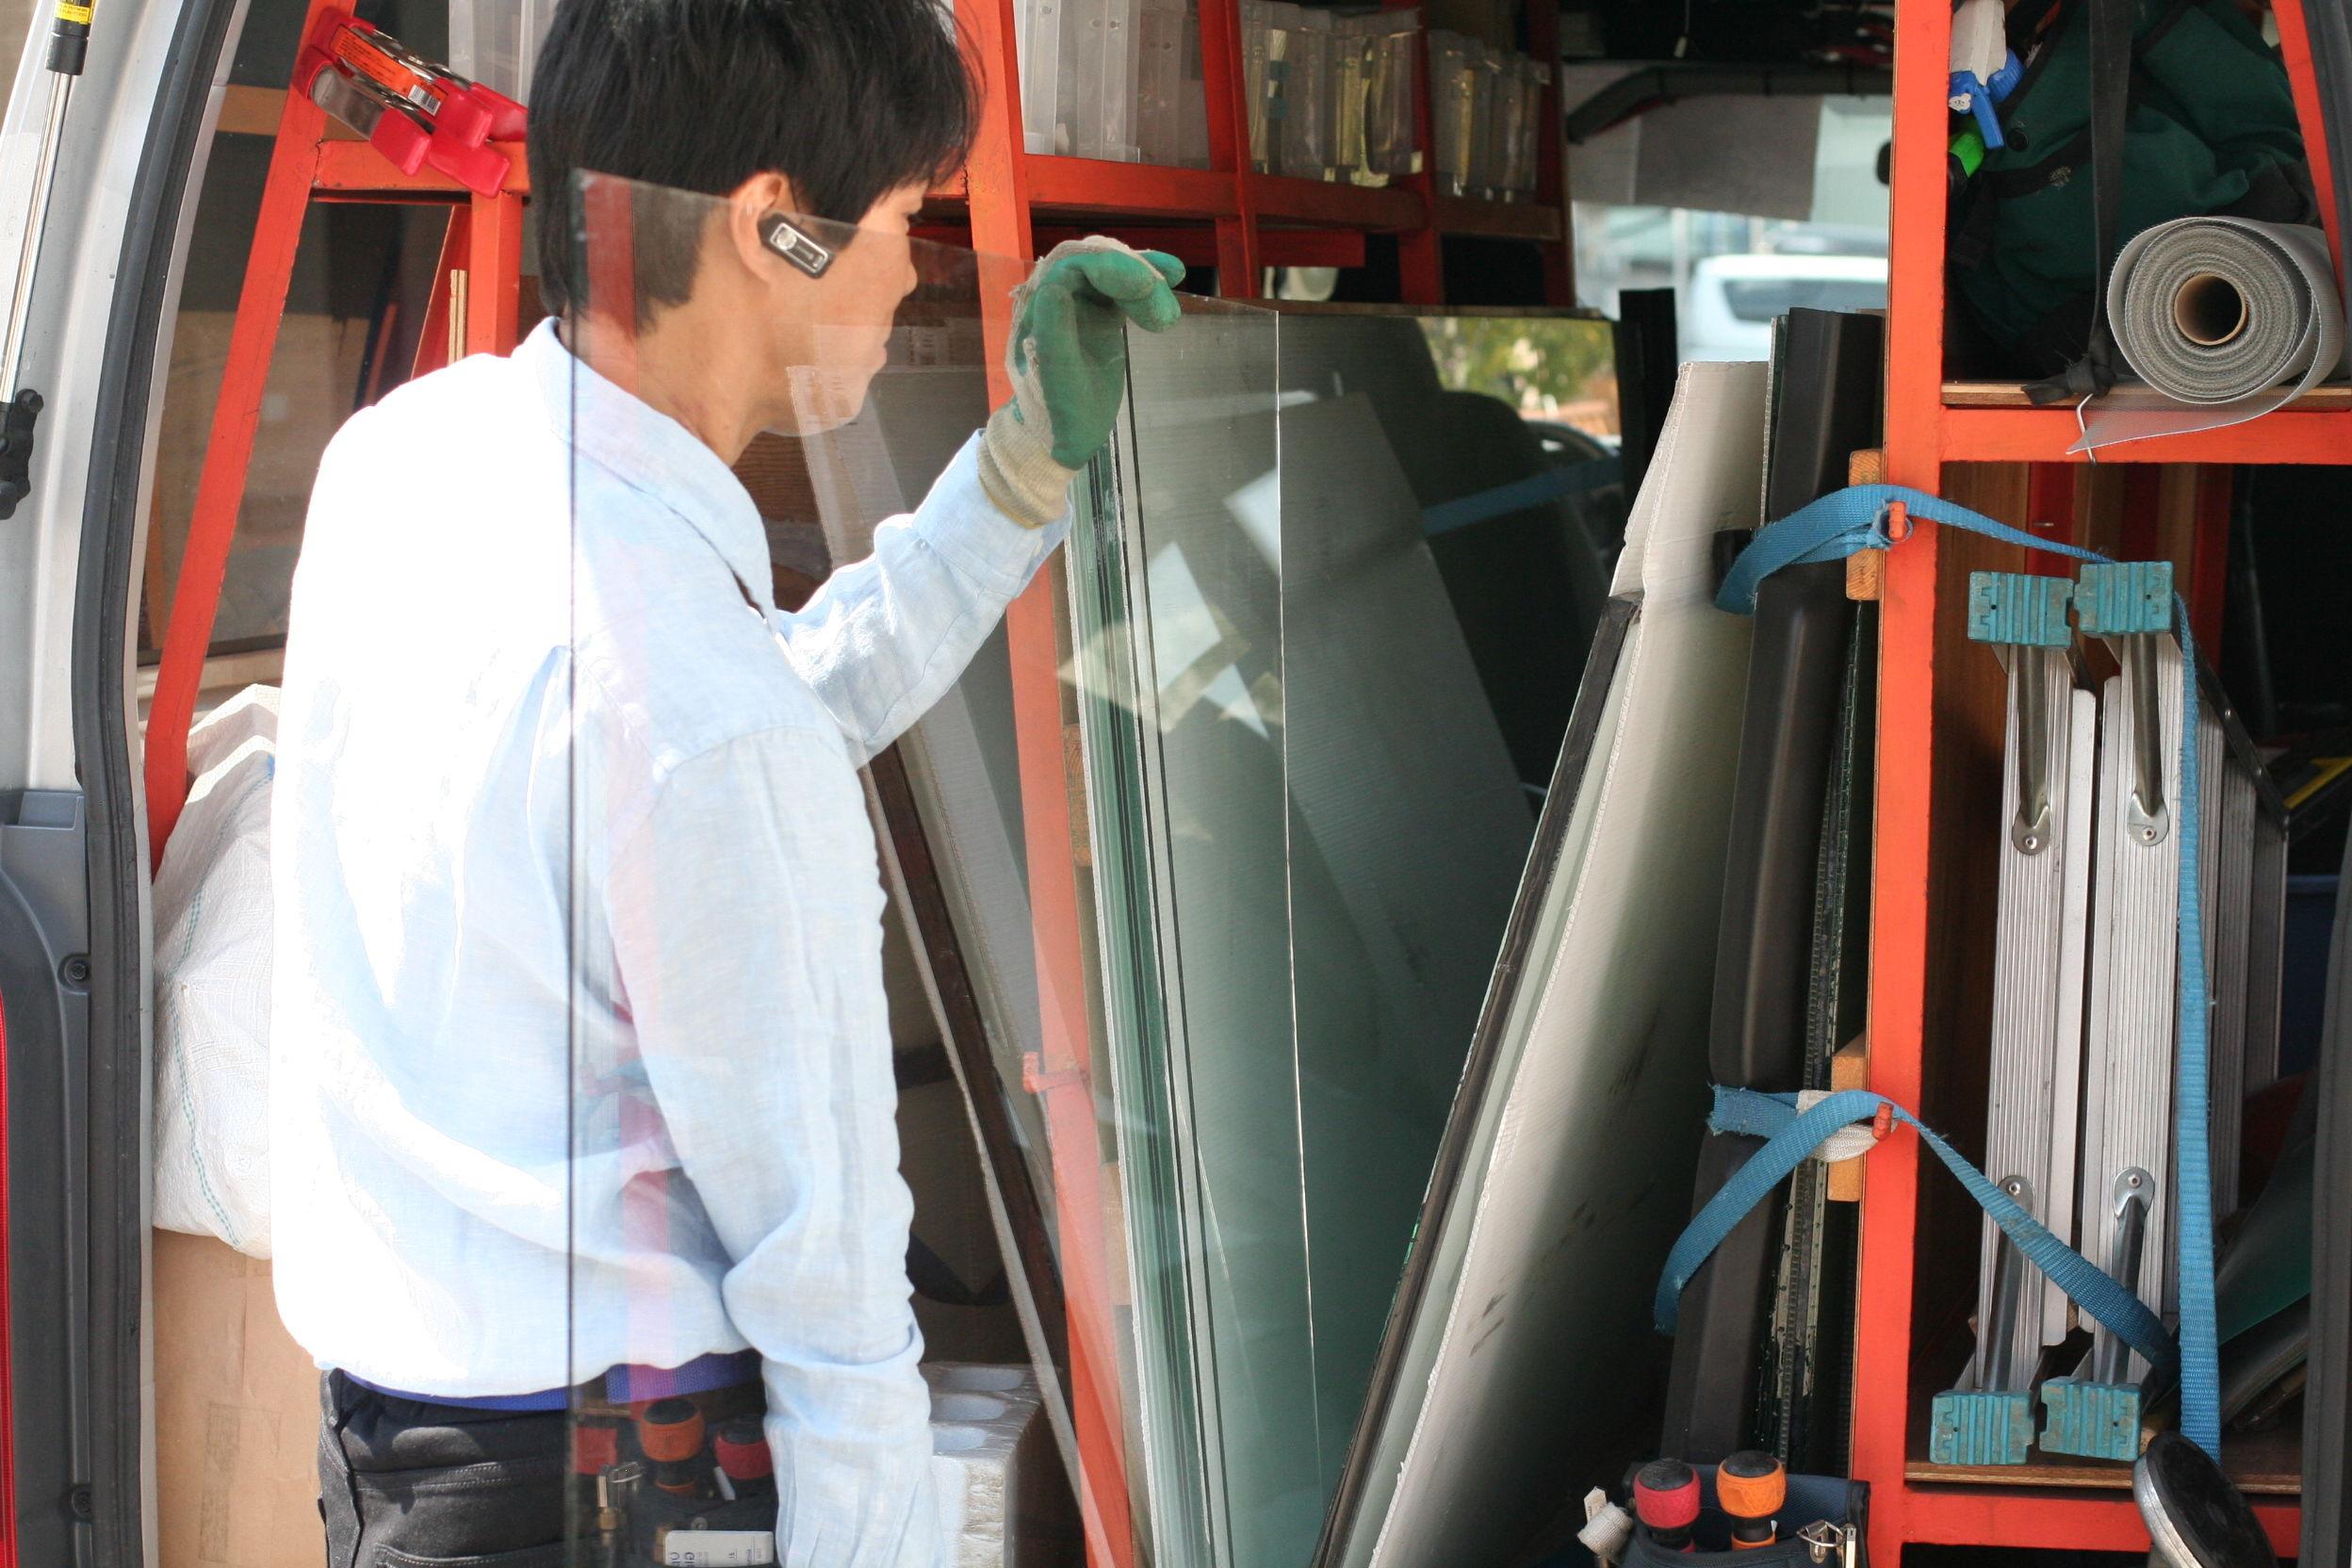 ガラスのトラブル救Q隊.24【中野区 出張エリア】の店内・外観画像2